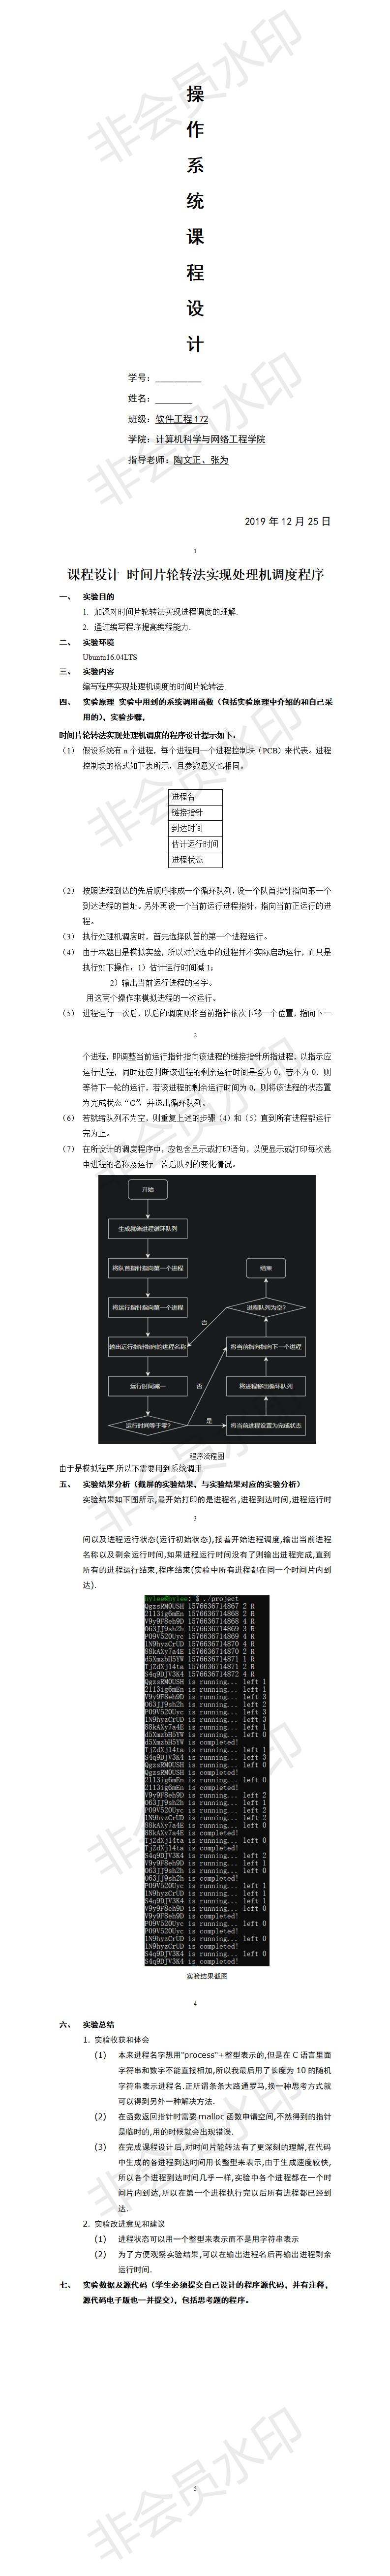 2019广州大学操作系统课程设计